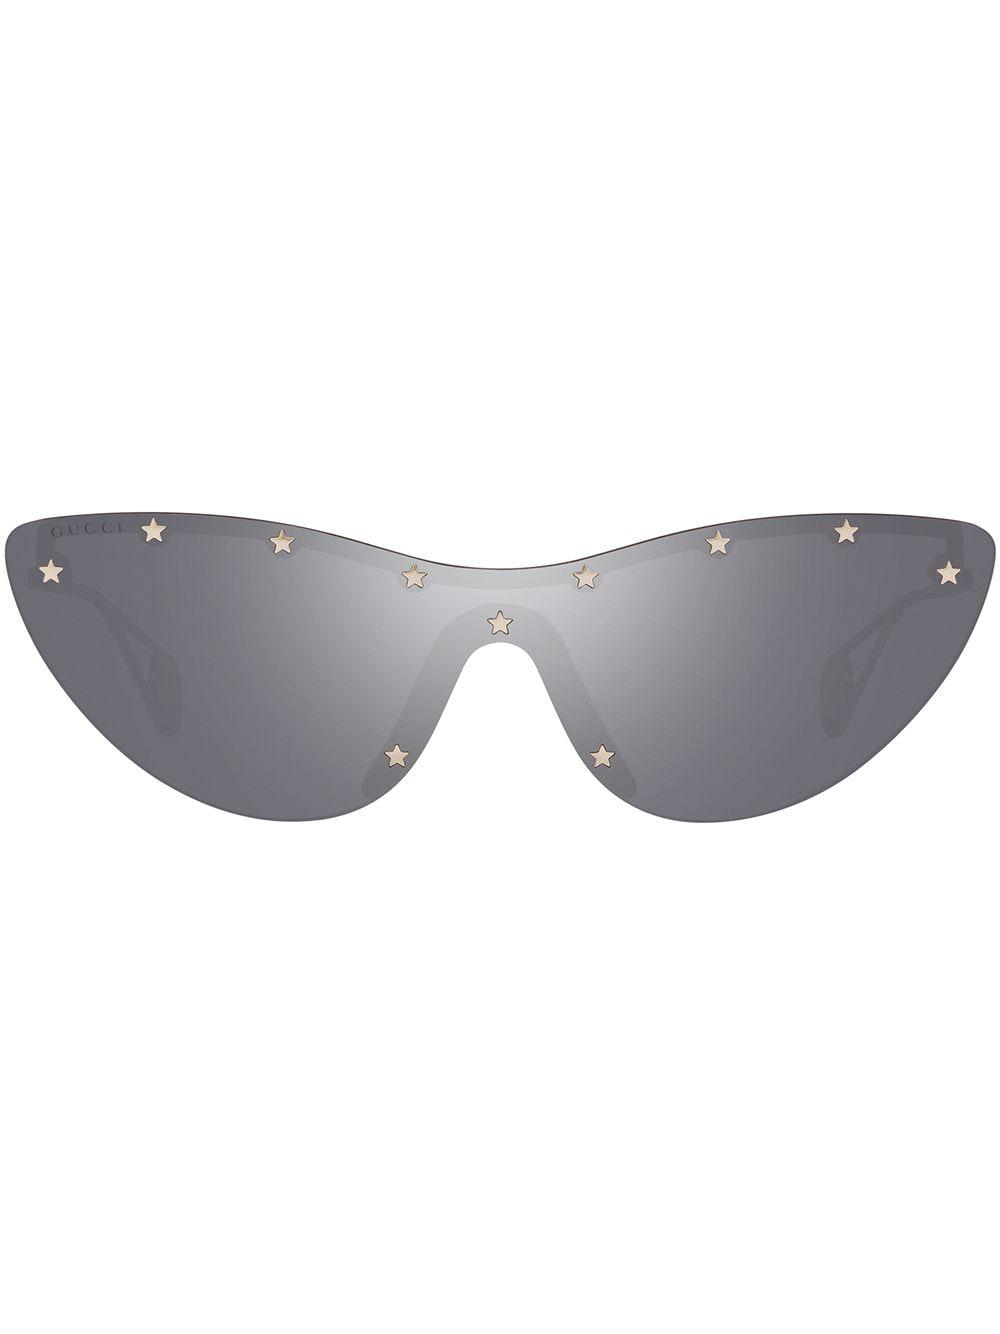 Gucci Eyewear Sonnenbrille mit Nieten - Silber